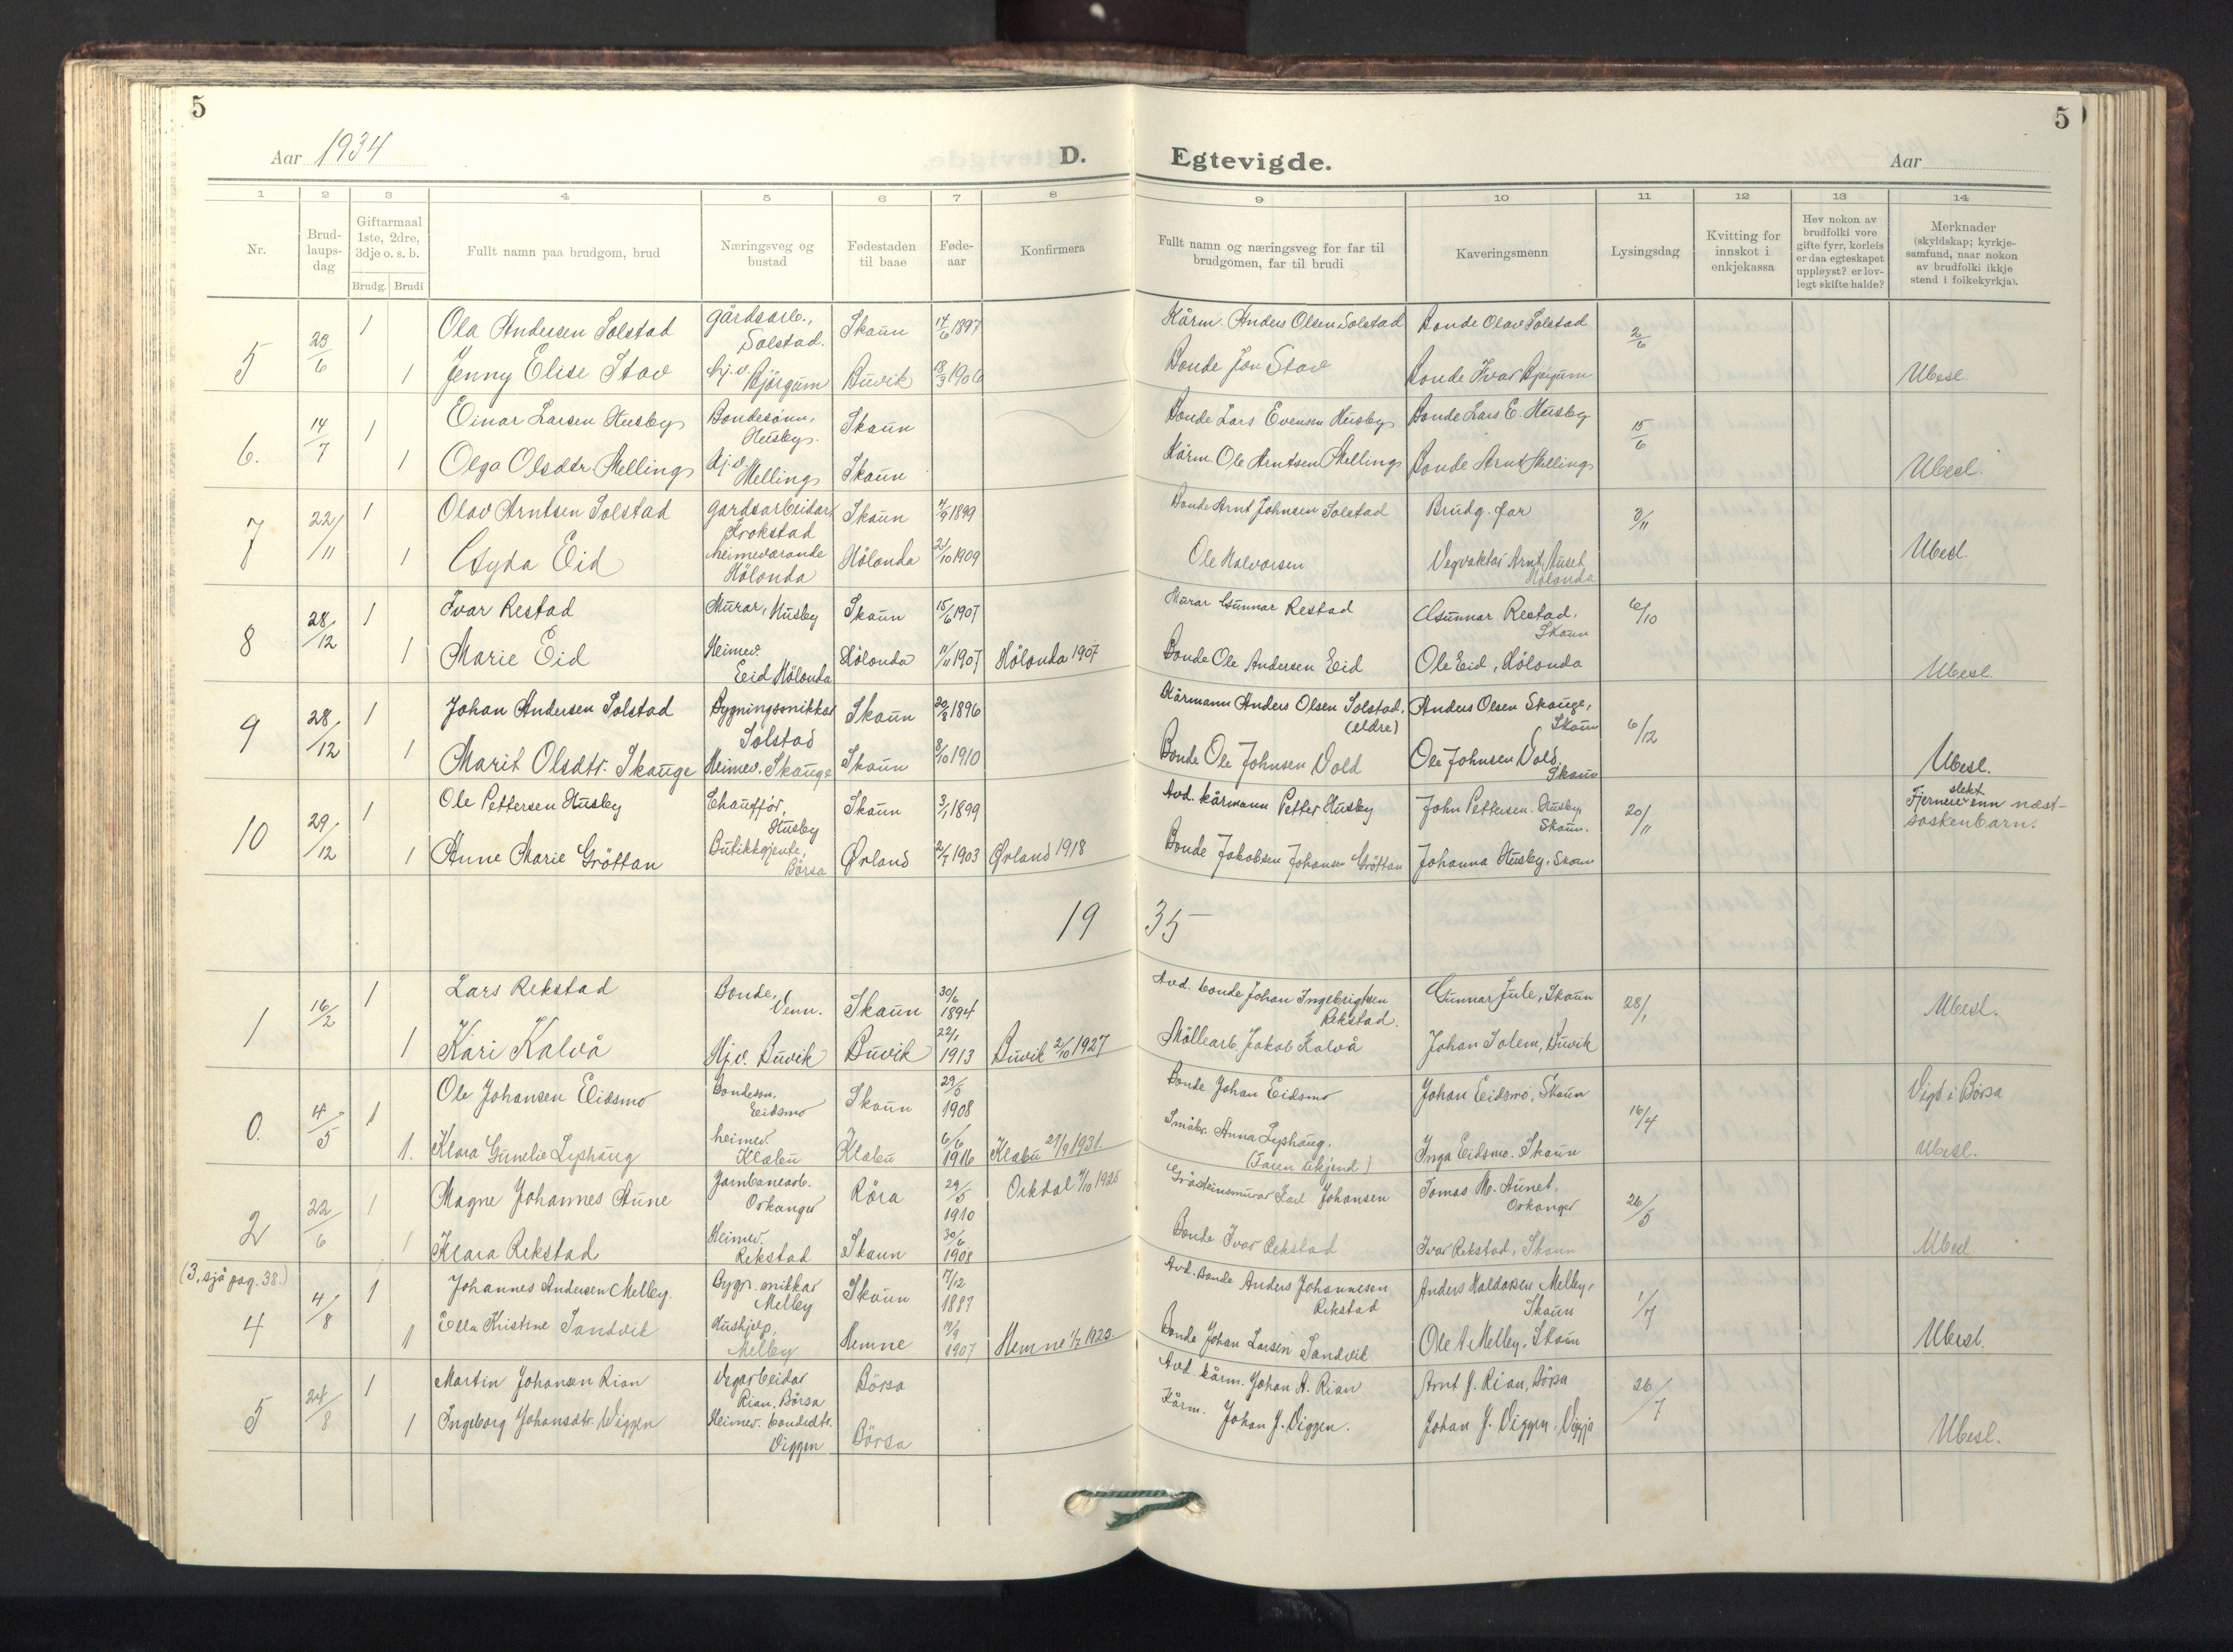 SAT, Ministerialprotokoller, klokkerbøker og fødselsregistre - Sør-Trøndelag, 667/L0799: Klokkerbok nr. 667C04, 1929-1950, s. 5